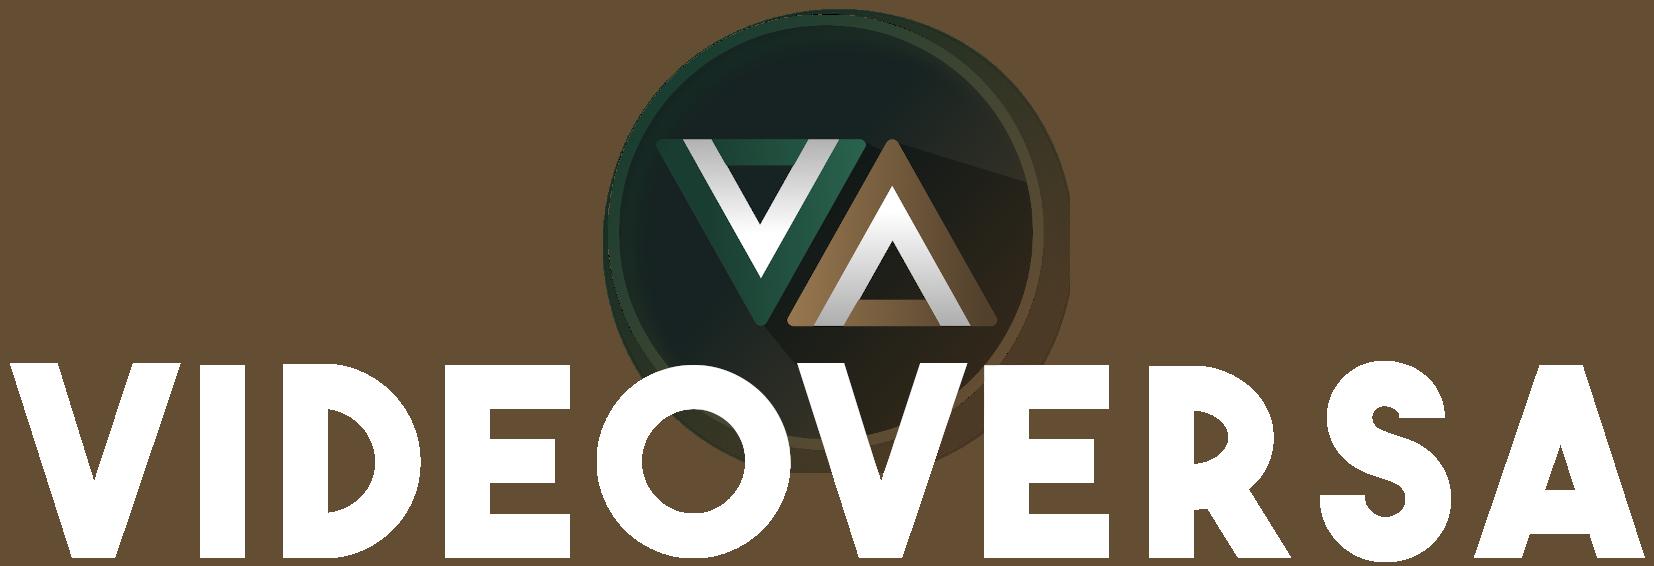 videoproductie videoversa logo